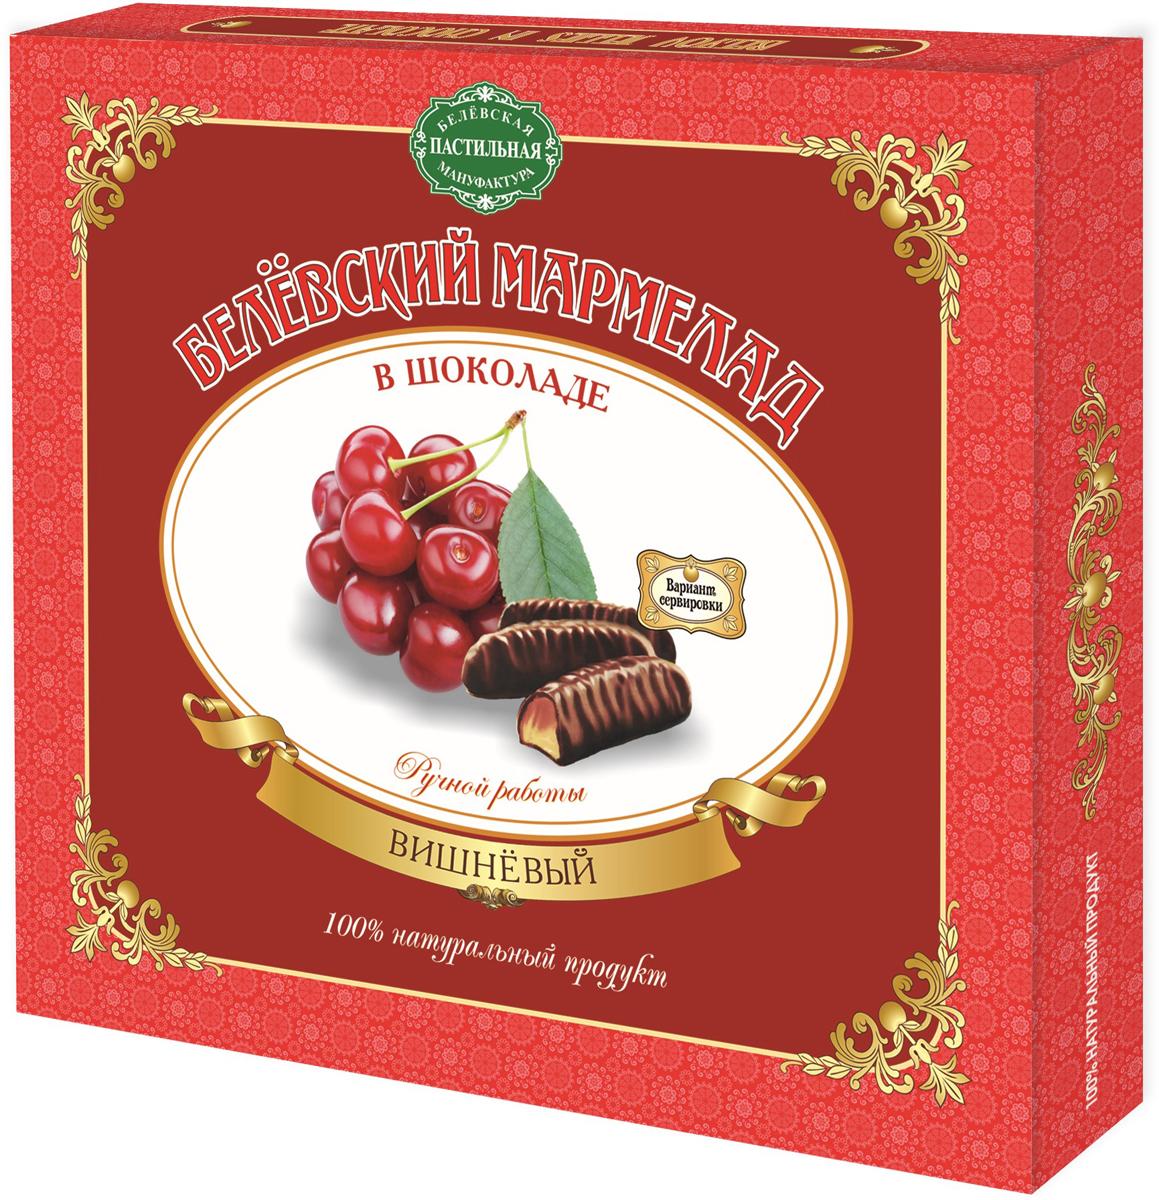 Белевская пастильная мануфактура Белёвский мармелад в шоколаде вишнёвый, 190 г